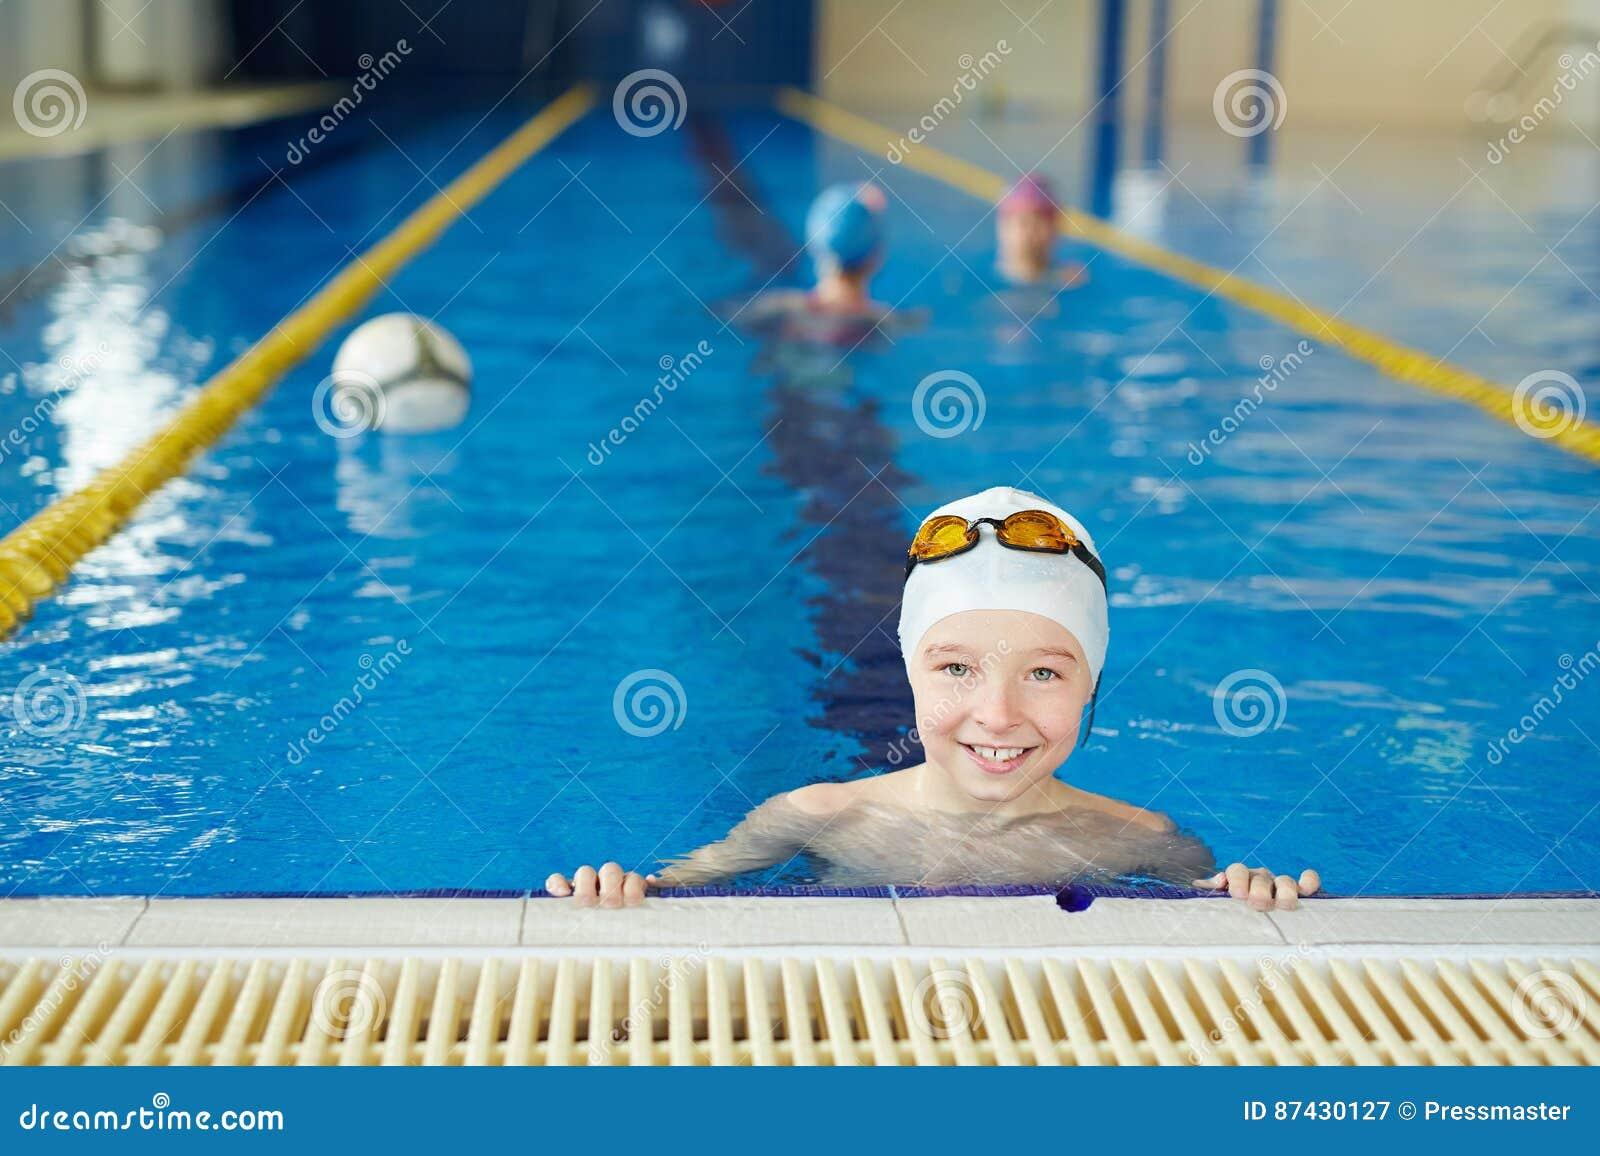 Waterpolopraktijk voor Kinderen